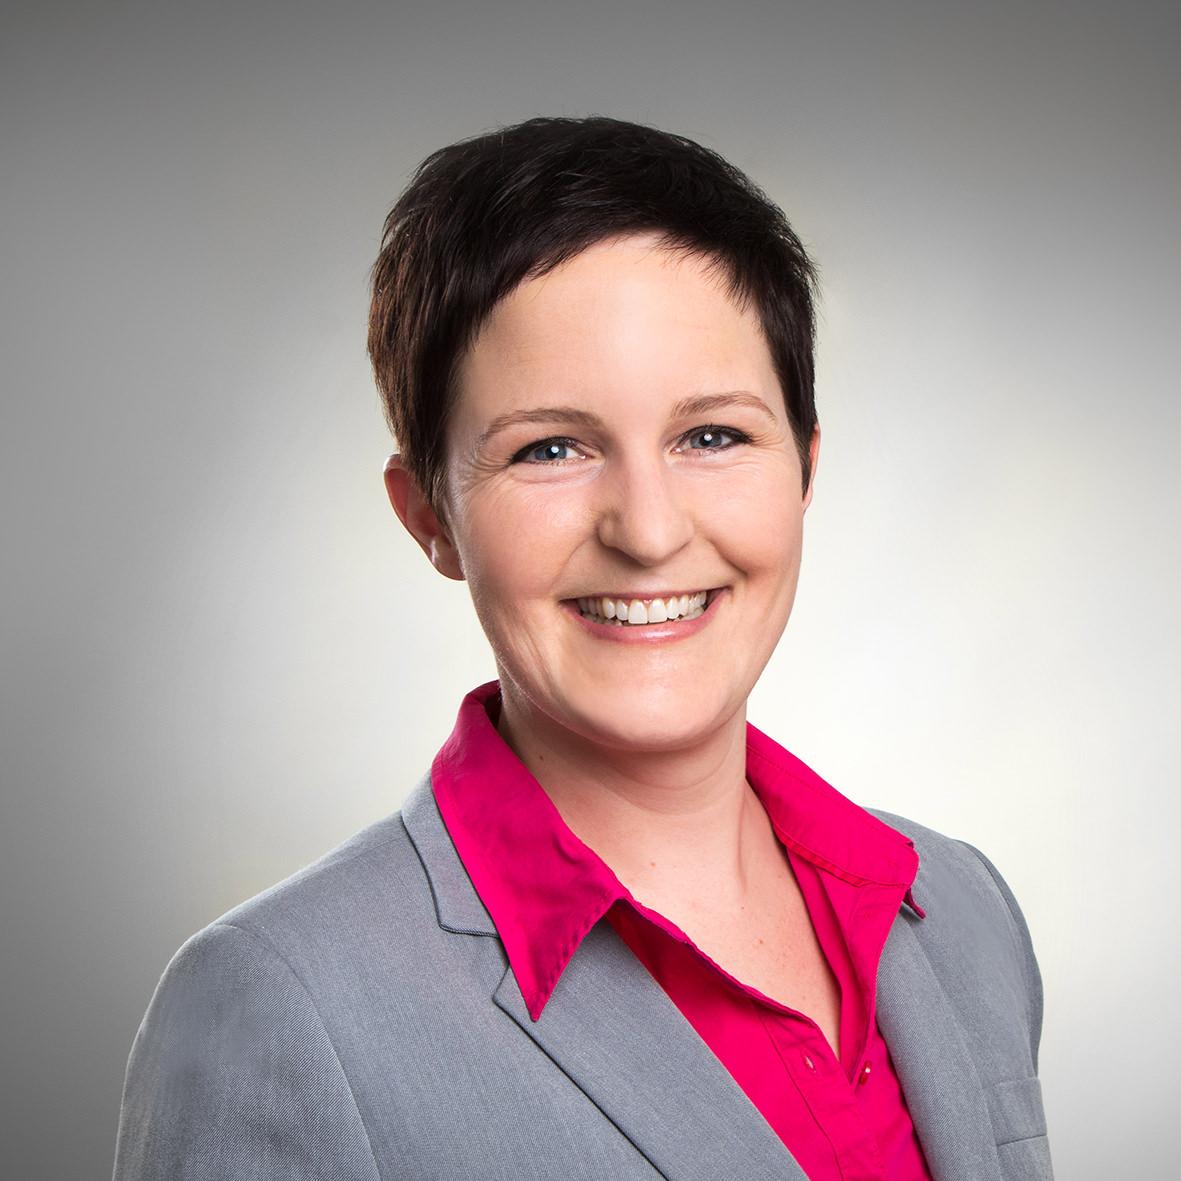 Valerie Wagner